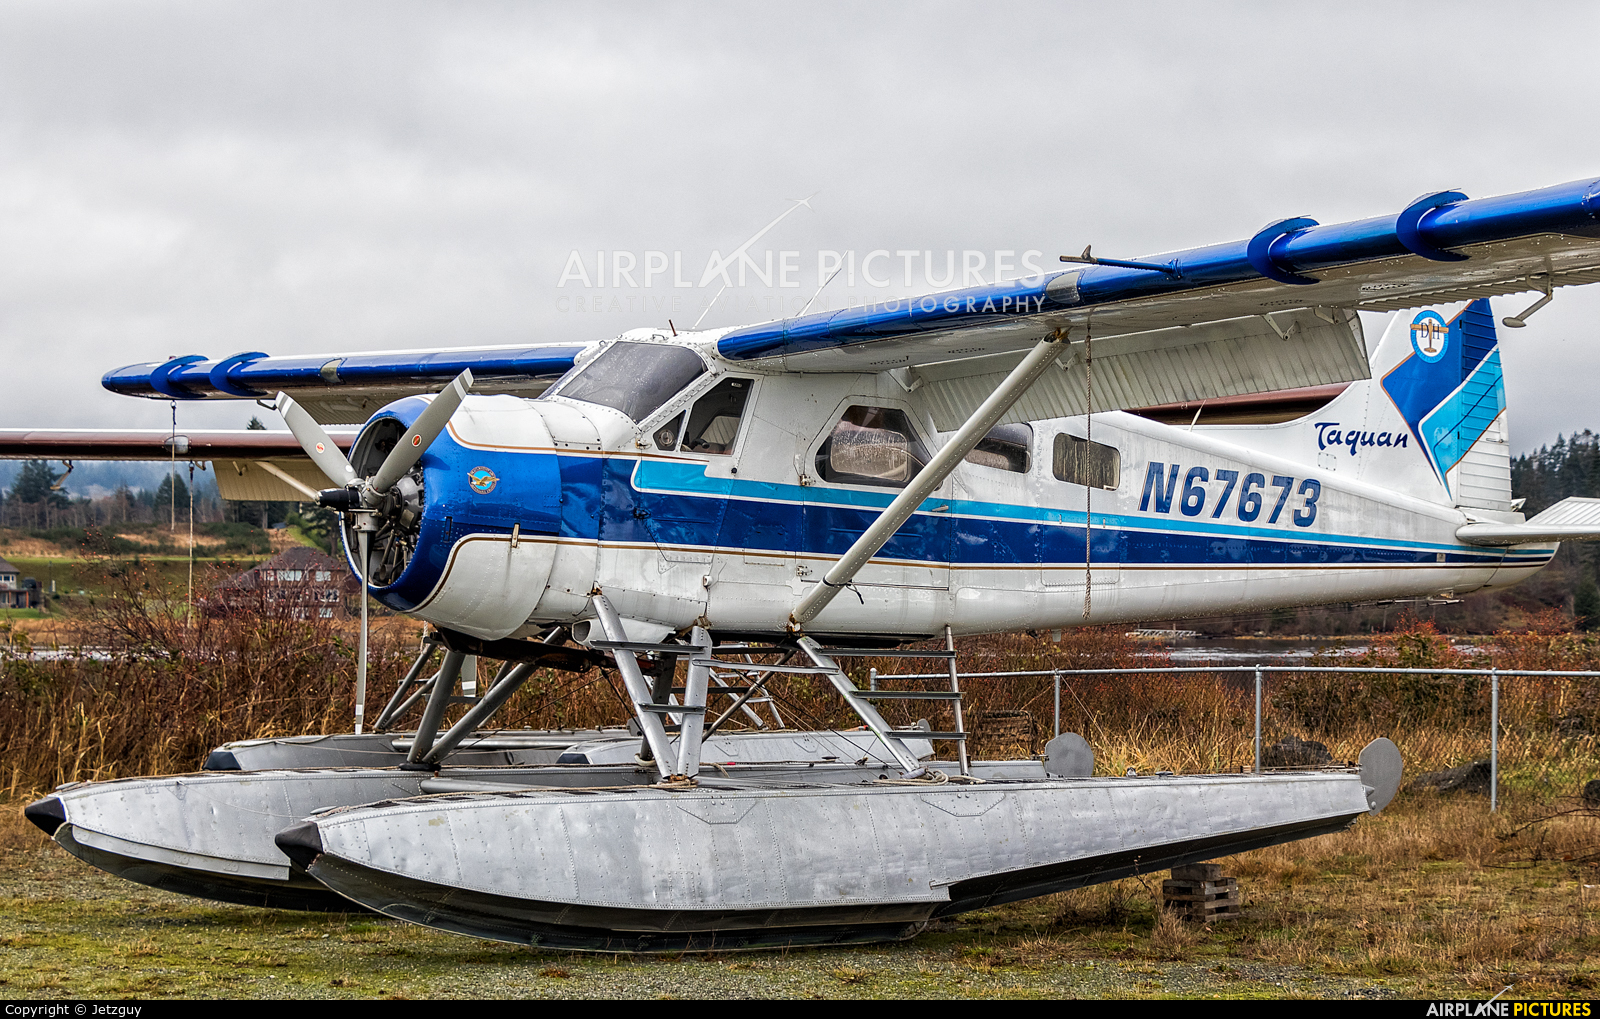 Taquan Air N67673 aircraft at Campbell River Seaplane Base